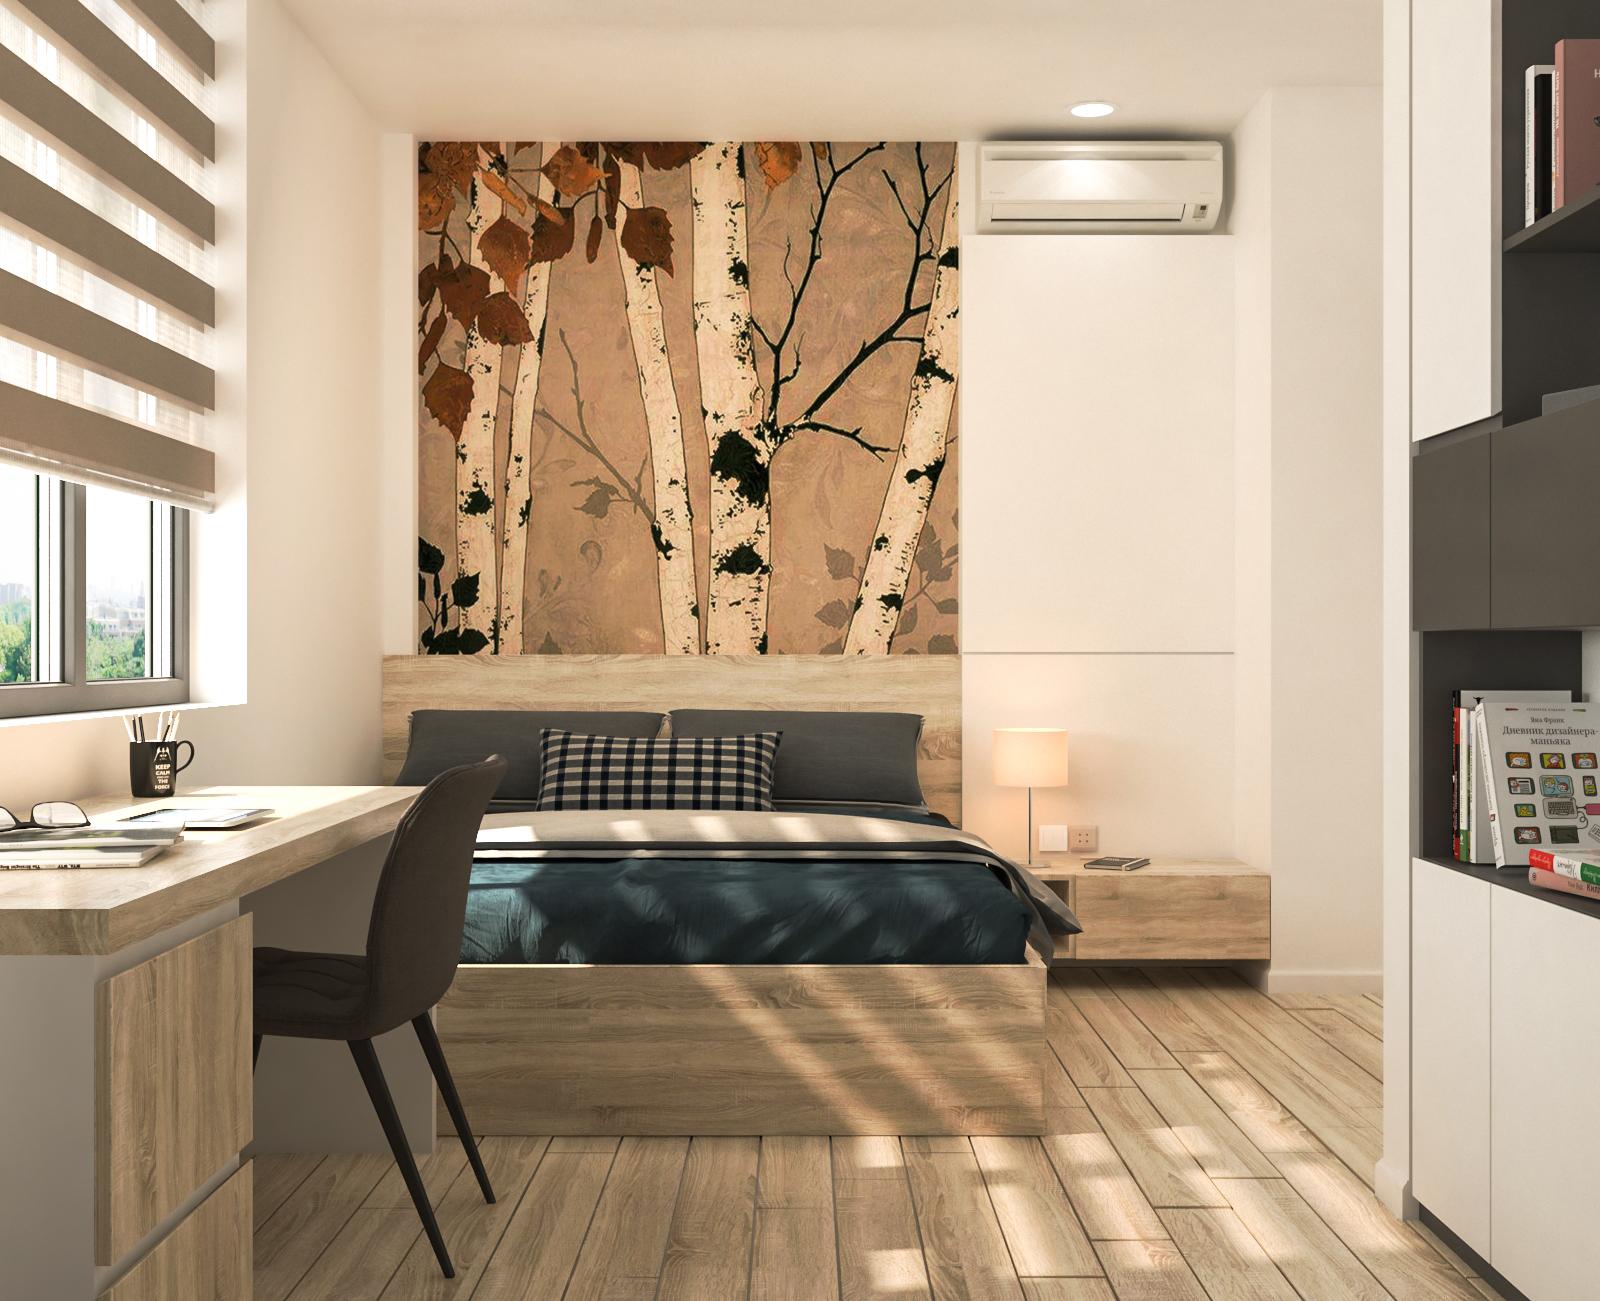 Tư vấn thiết kế cải tạo căn hộ chung cư diện tích 79m² với tổng chi phí 140 triệu đồng - Ảnh 8.